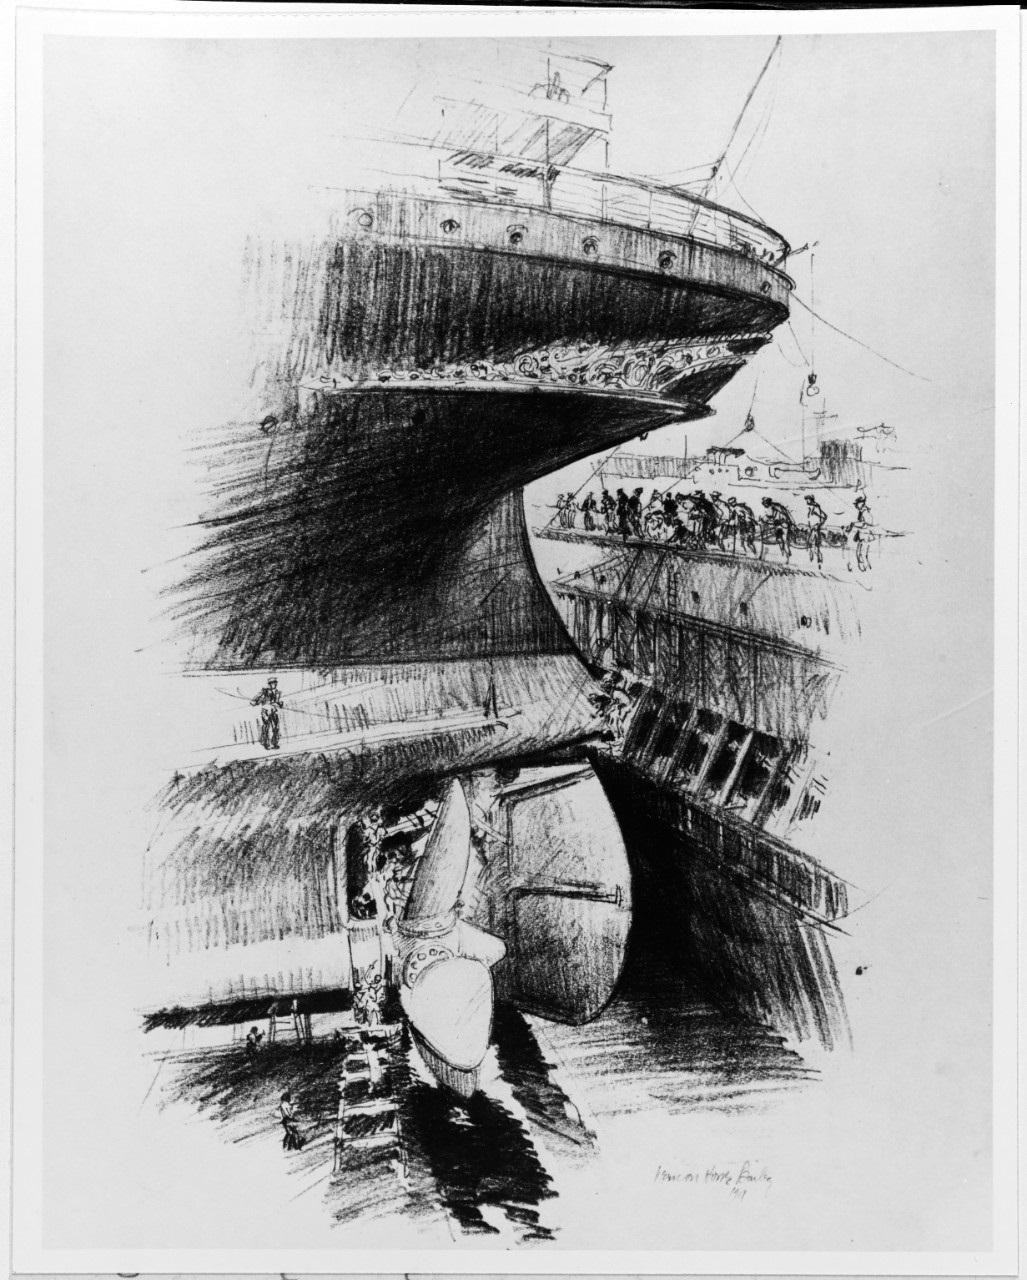 NH 86449 USS Kaiser Wilhelm II